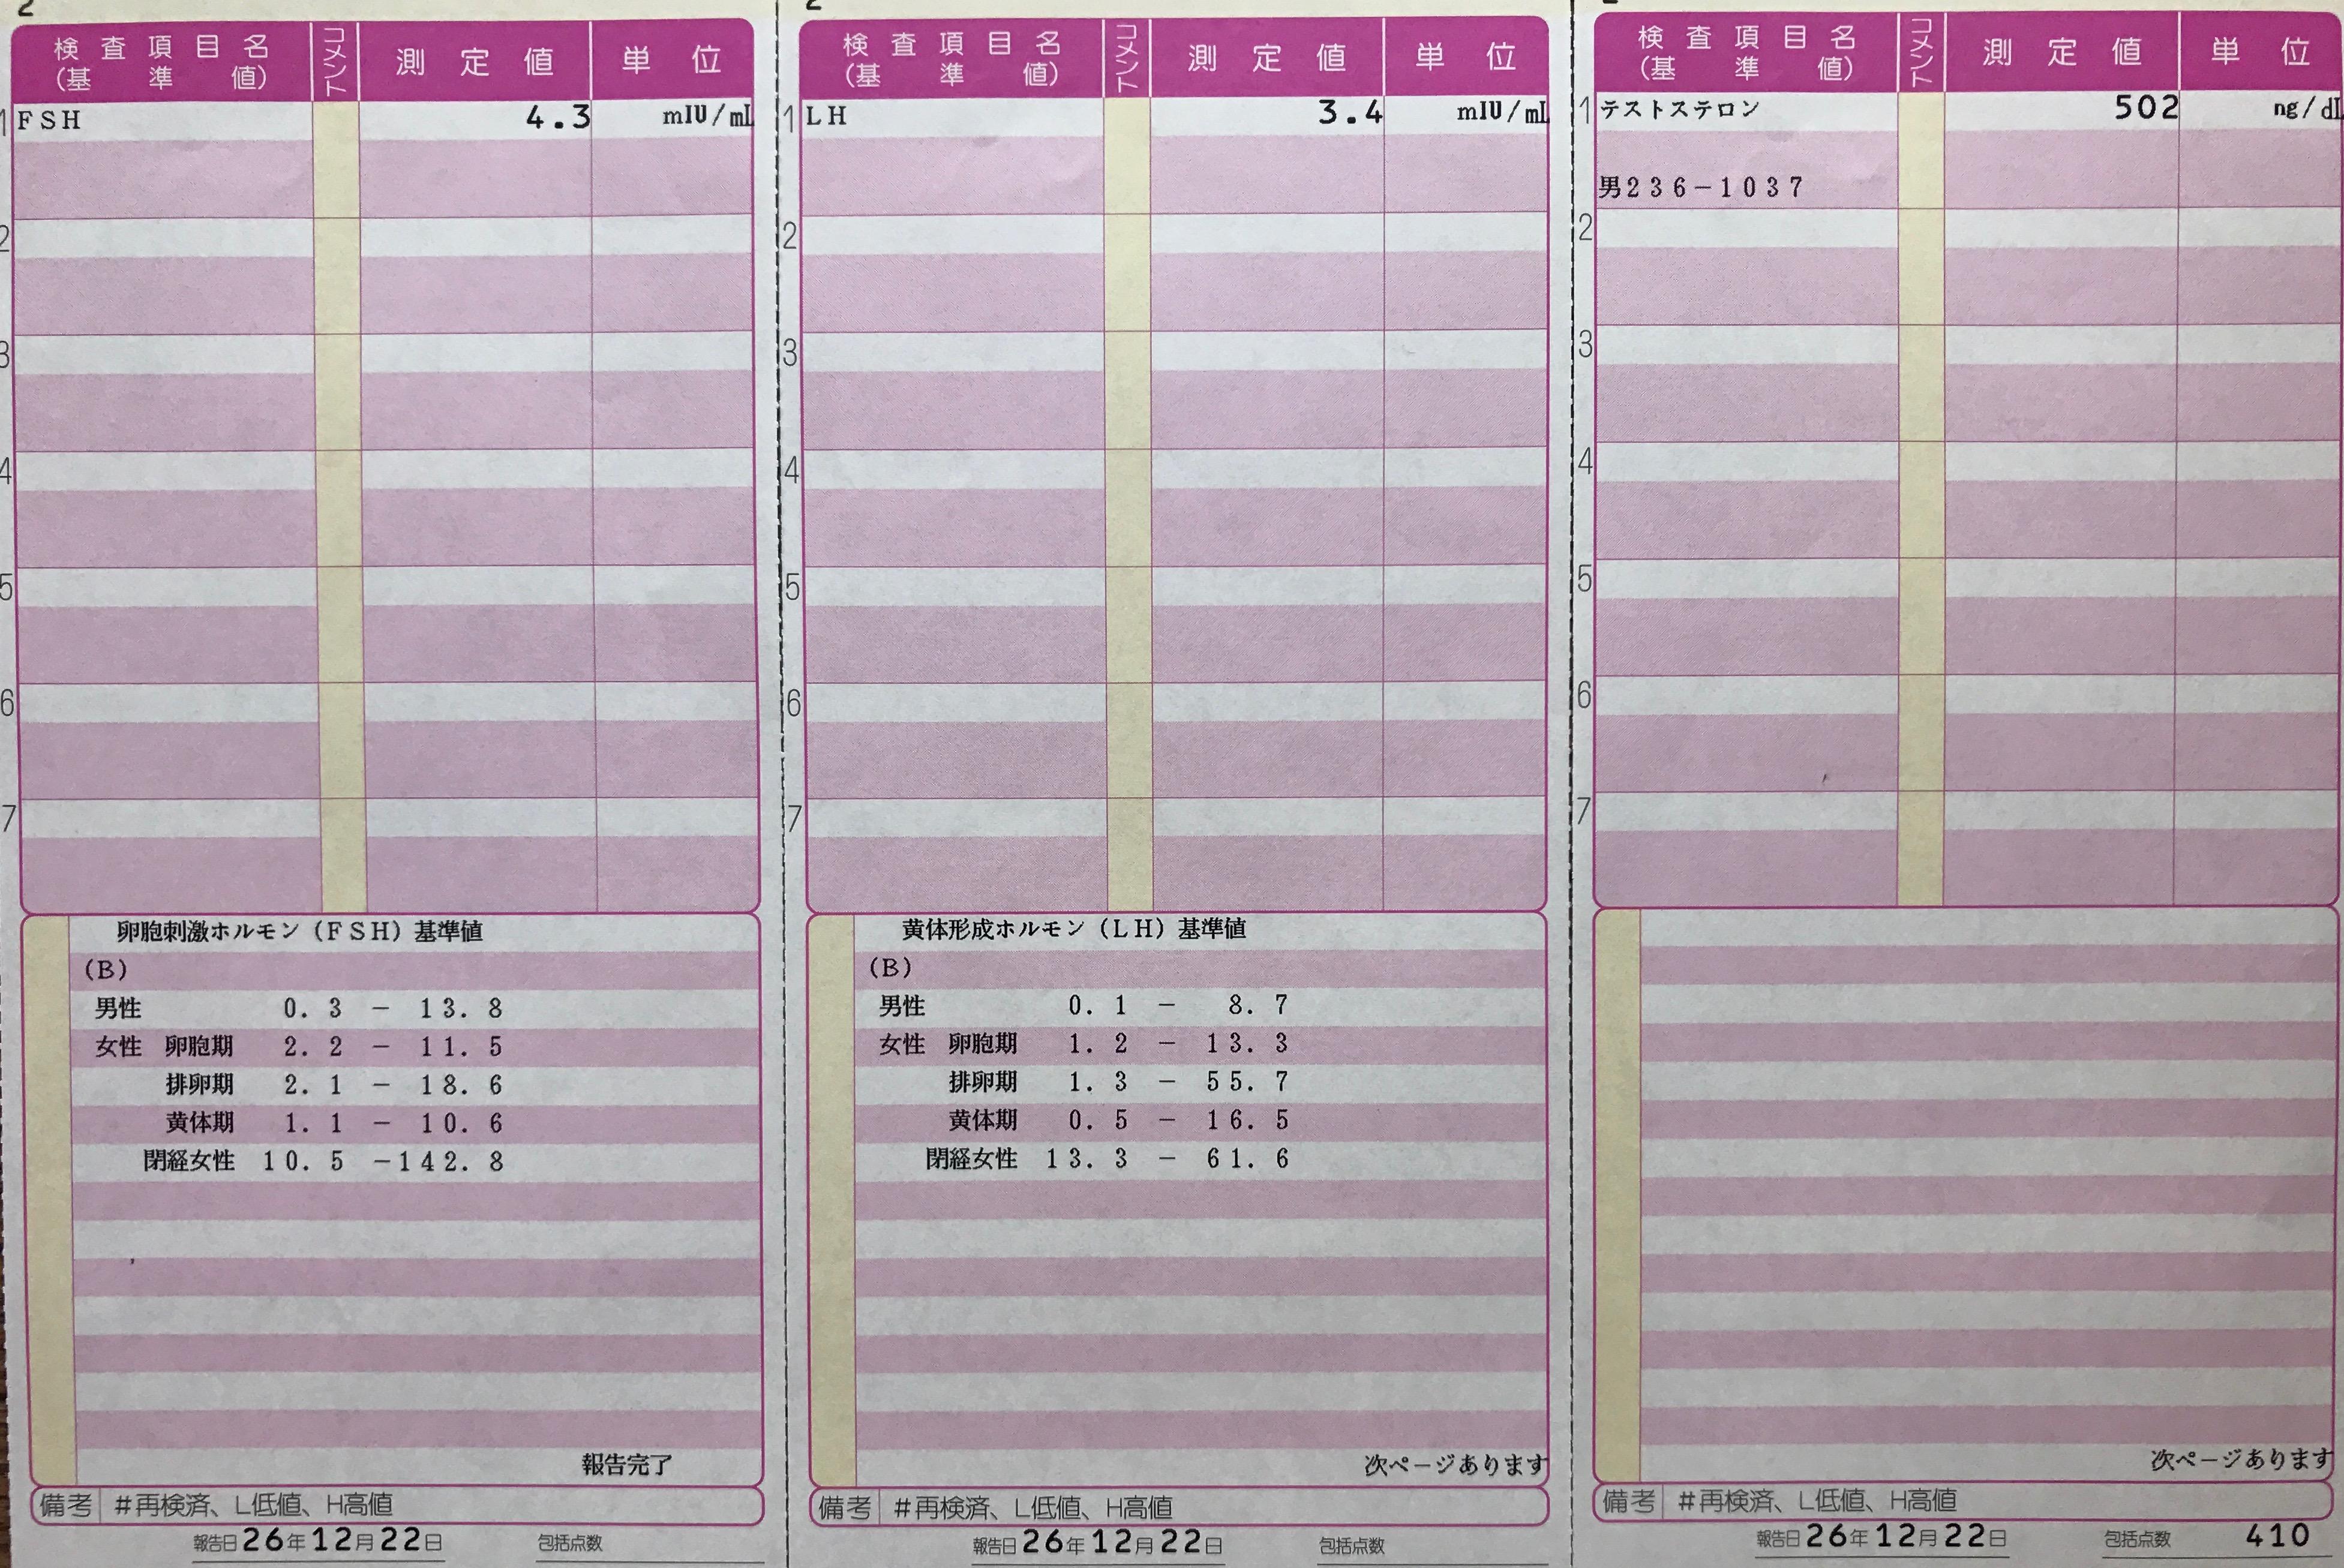 夫のホルモン値血液検査結果表